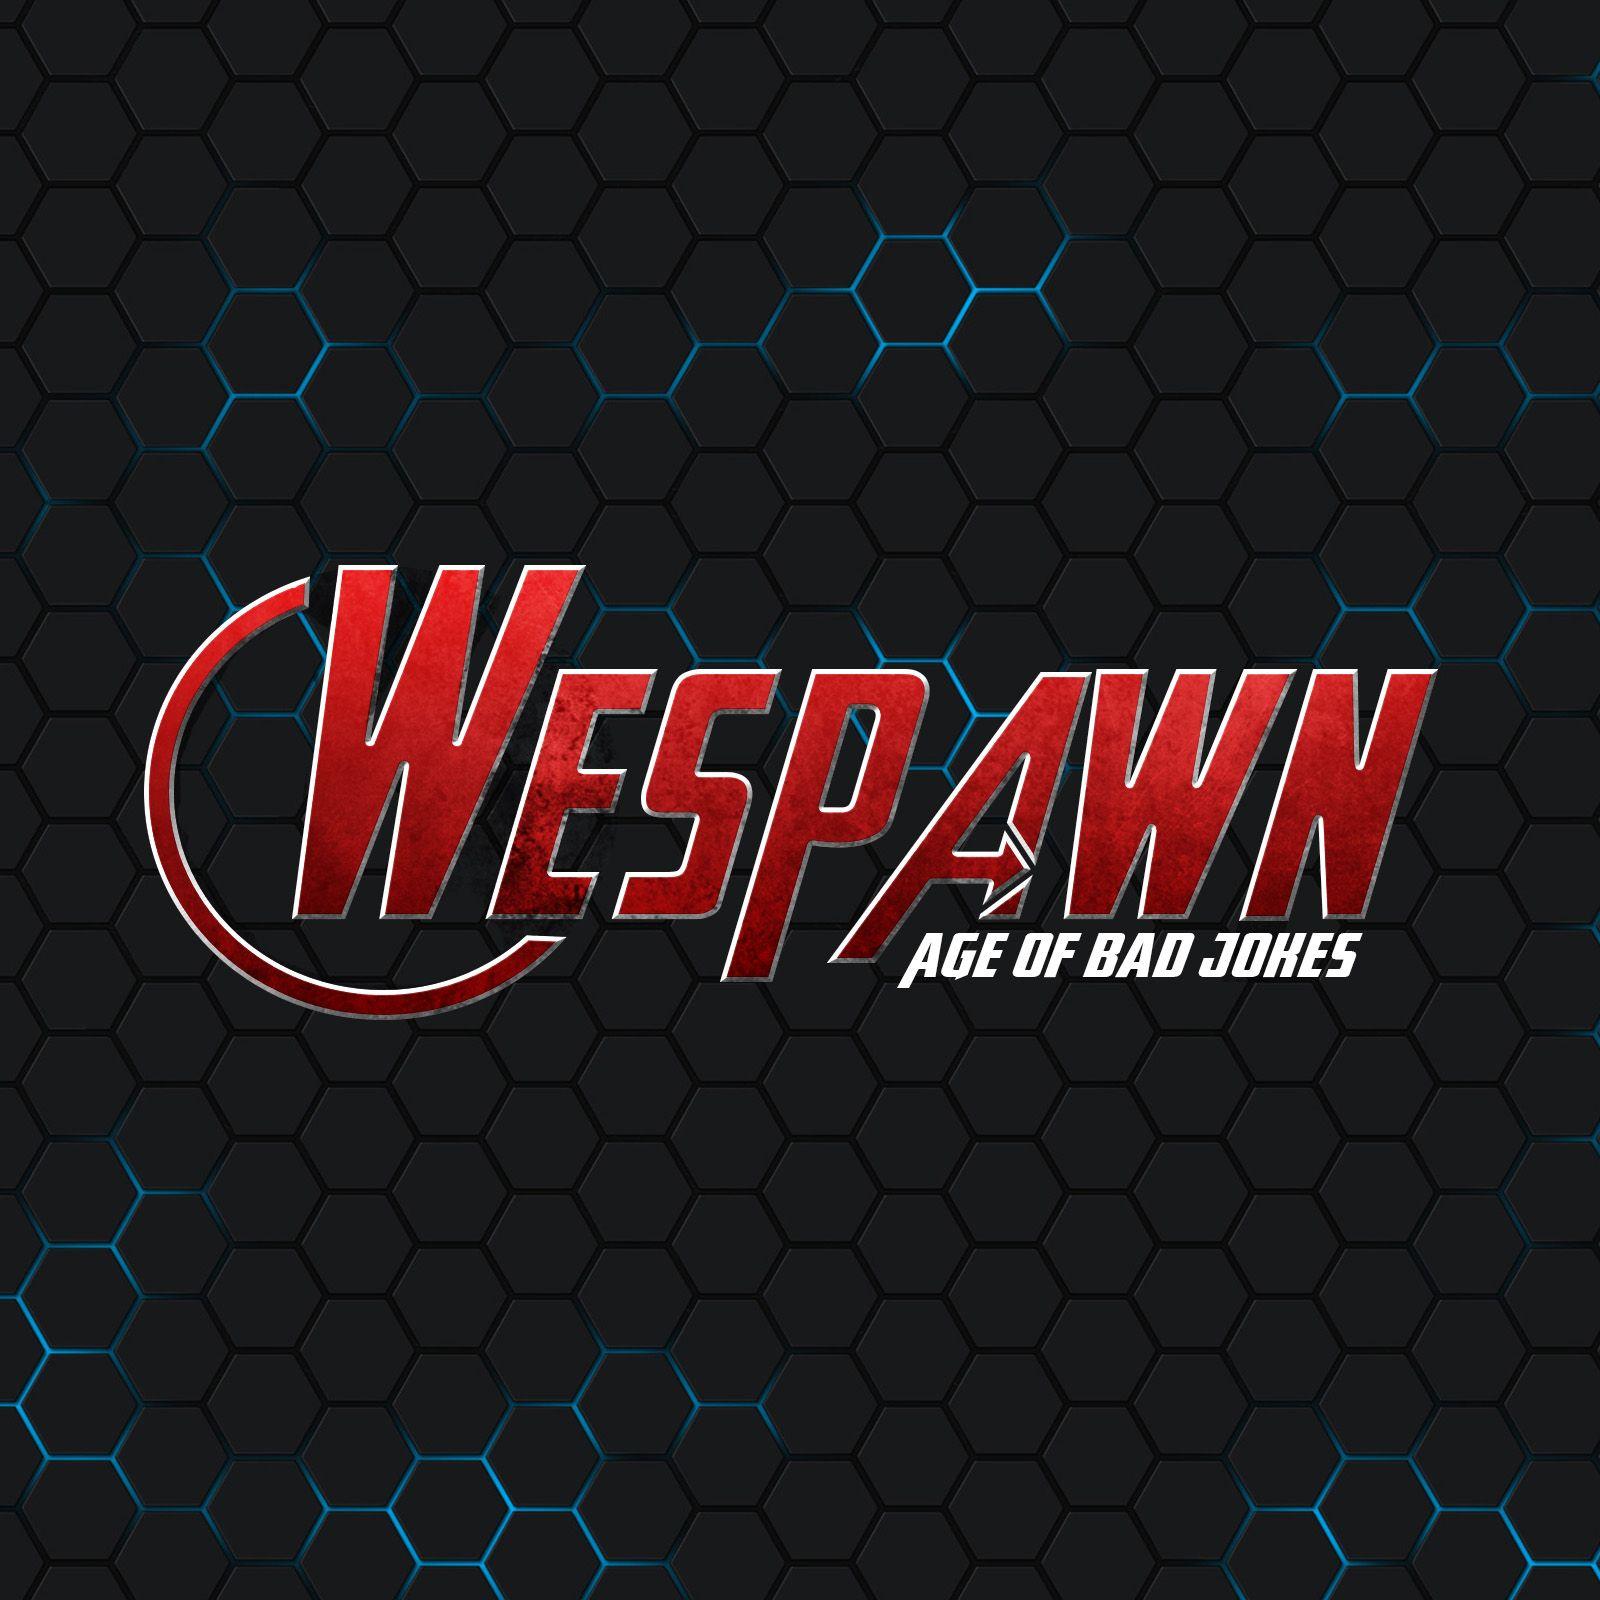 I veckans avsnitt pratar vi om förväntningarna inför Jurassic World som har premiär i veckan, sambandet mellan Marvels filmer och serier, Netflix och artificiell intelligens. Vi diskuterar även Fallout 4, House of Wolves, Sonic, Mega Man och mycket mer. Sist med inte minst lottar vi även ut en t-shirt för att fira att vi nått till 50 avsnitt av WeSpawn Podcast. Enjoy kära vänner!